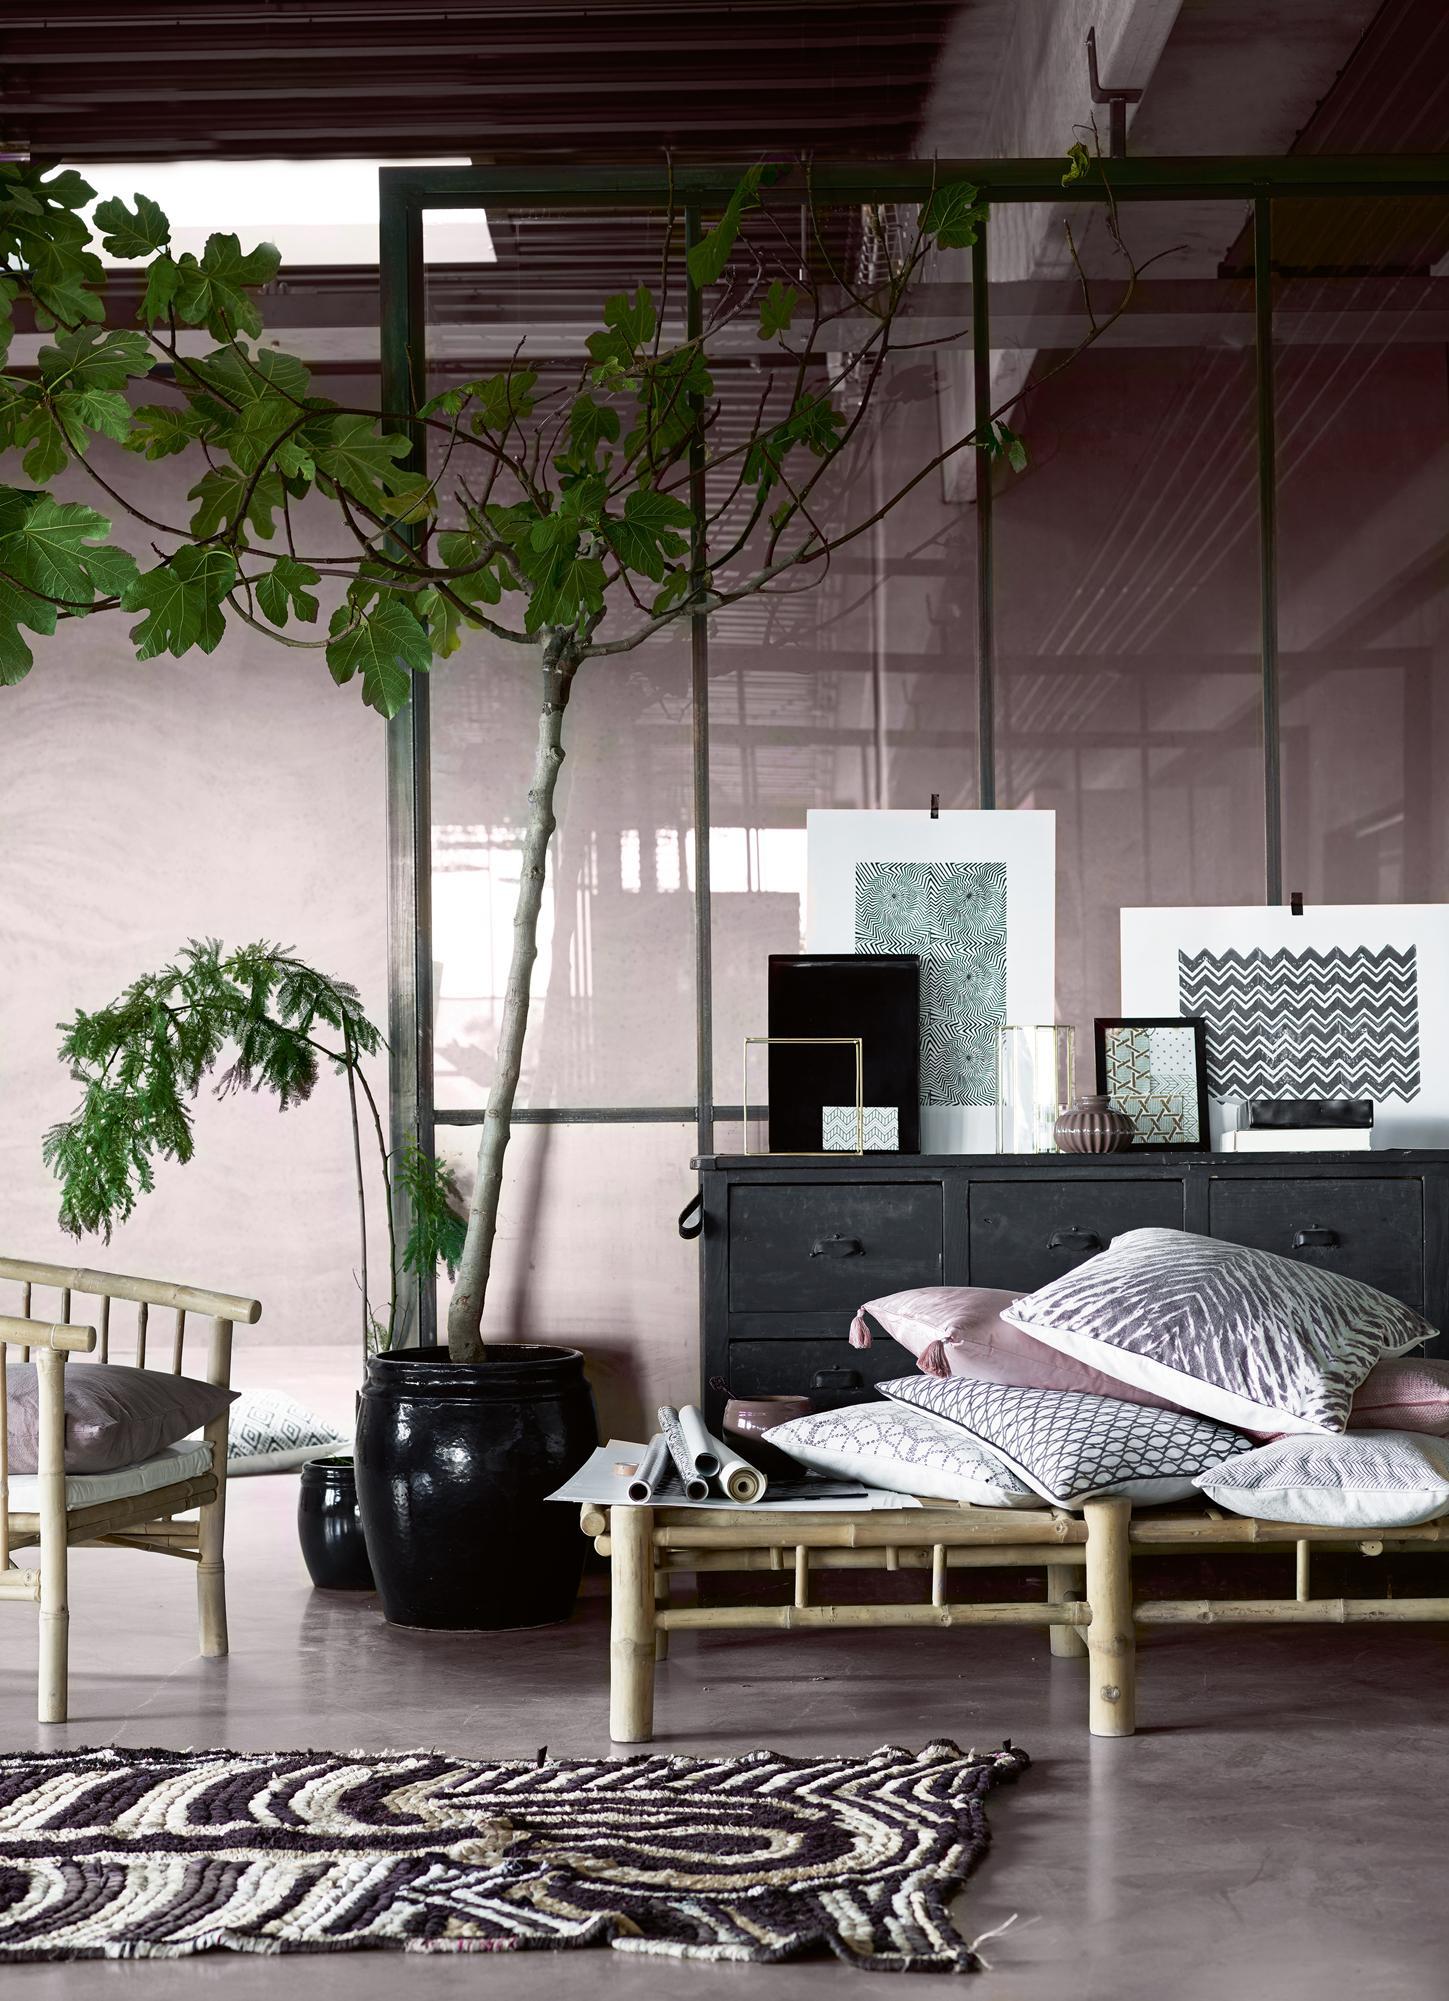 Natur Pur: Eine Große Zimmerpflanze #wandfarbe #wohnzimmer #trennwand  #glastrennwand ©Tine